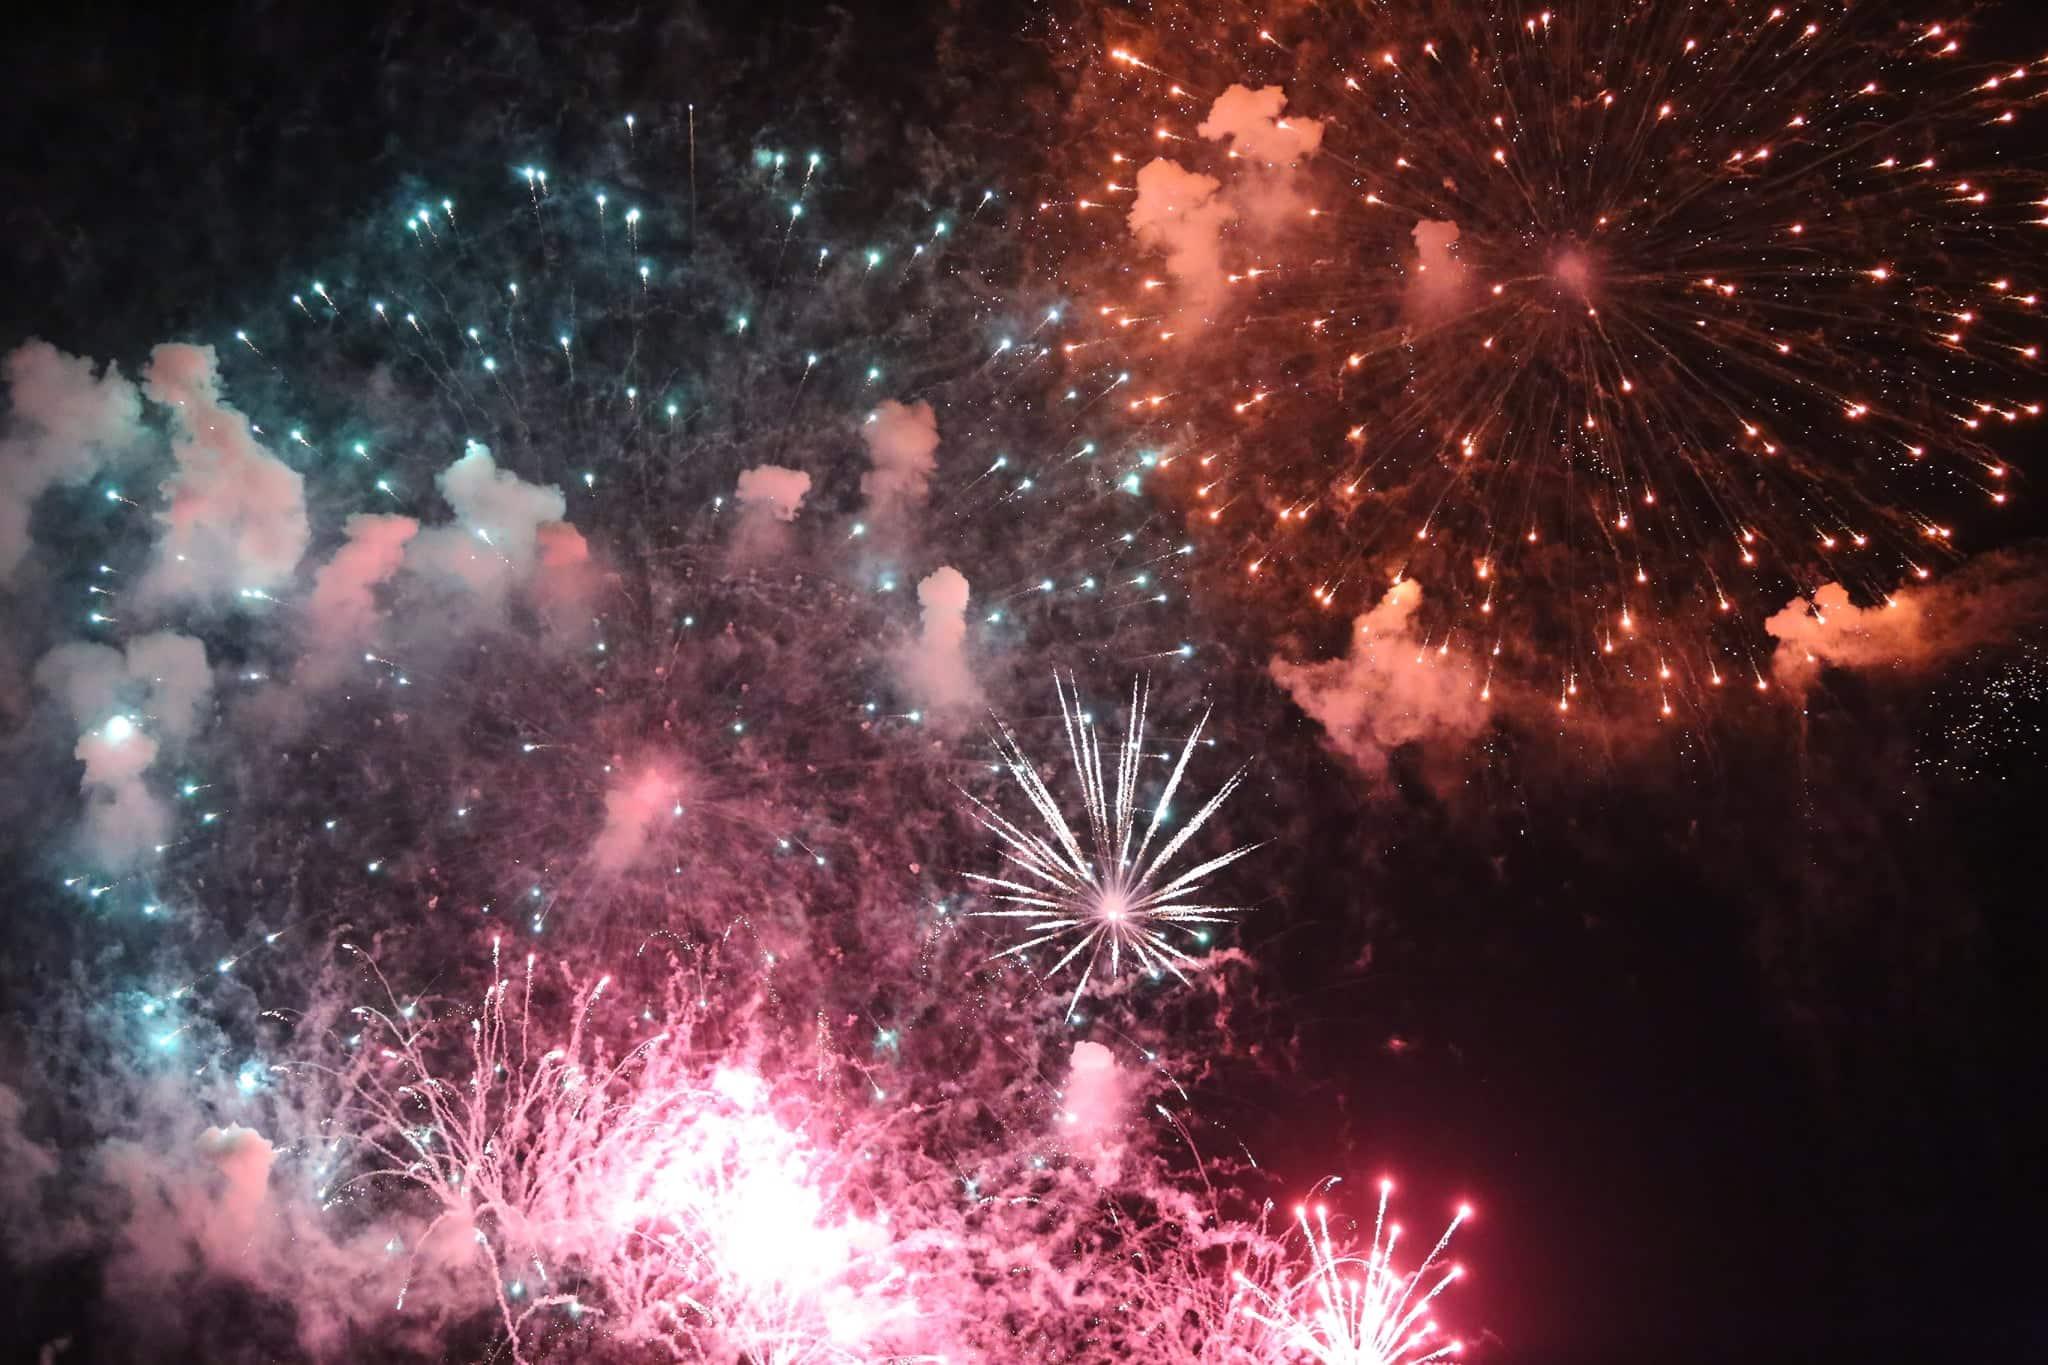 Pháo hoa rực sáng đẹp hút hồn trên bầu trời Sài Gòn, ngàn người vỗ tay tán thưởng - 14